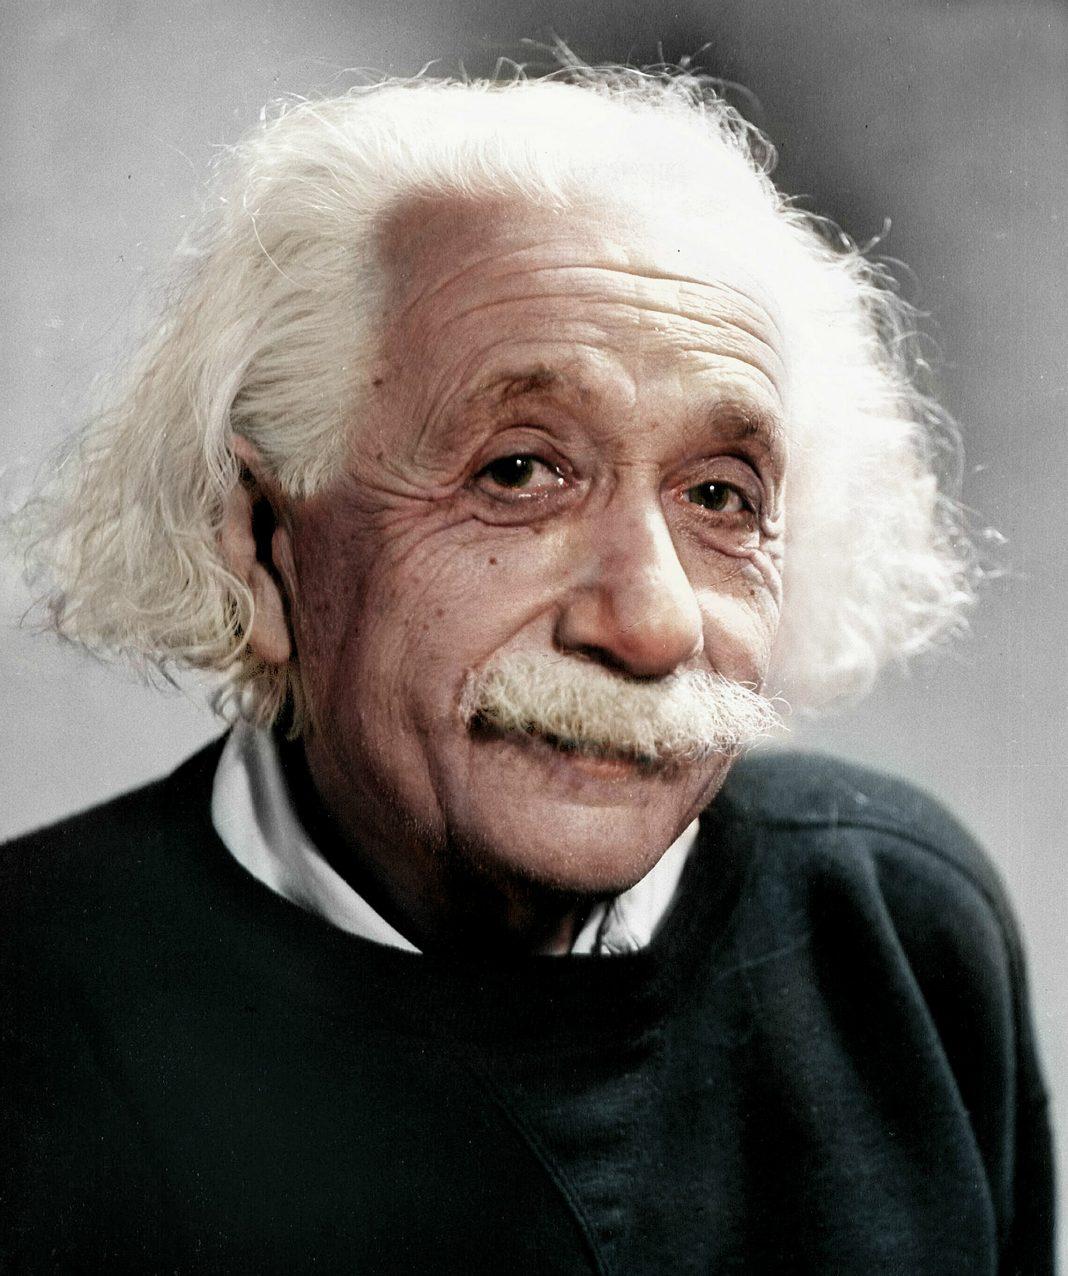 Albert Einstein, sempre aperto a nuove idee, suggerì lo studio degli uccelli migratori e delle api per capire le loro modalità di navigazione. (Immagine: Wikimedia Commons CC SA-4.0)